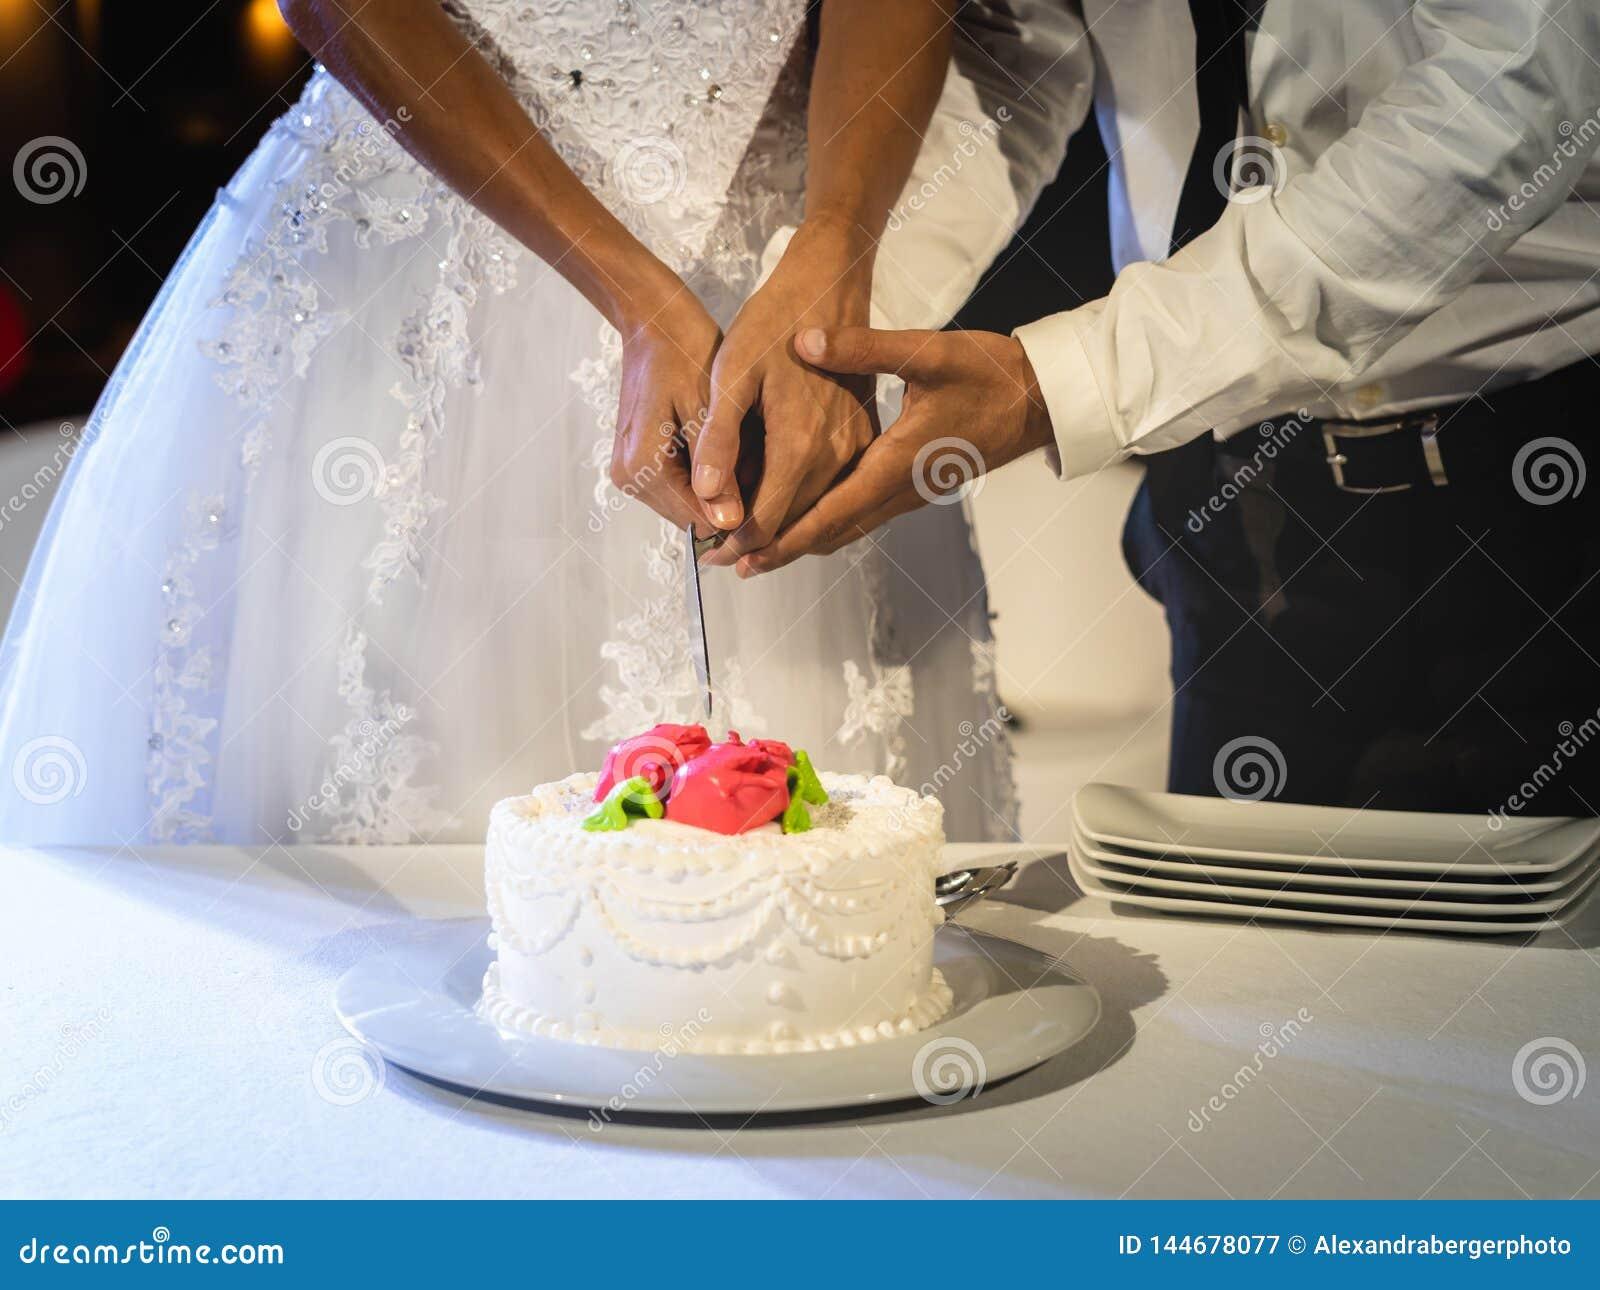 La novia y el novio juntos cortaron la torta en su boda